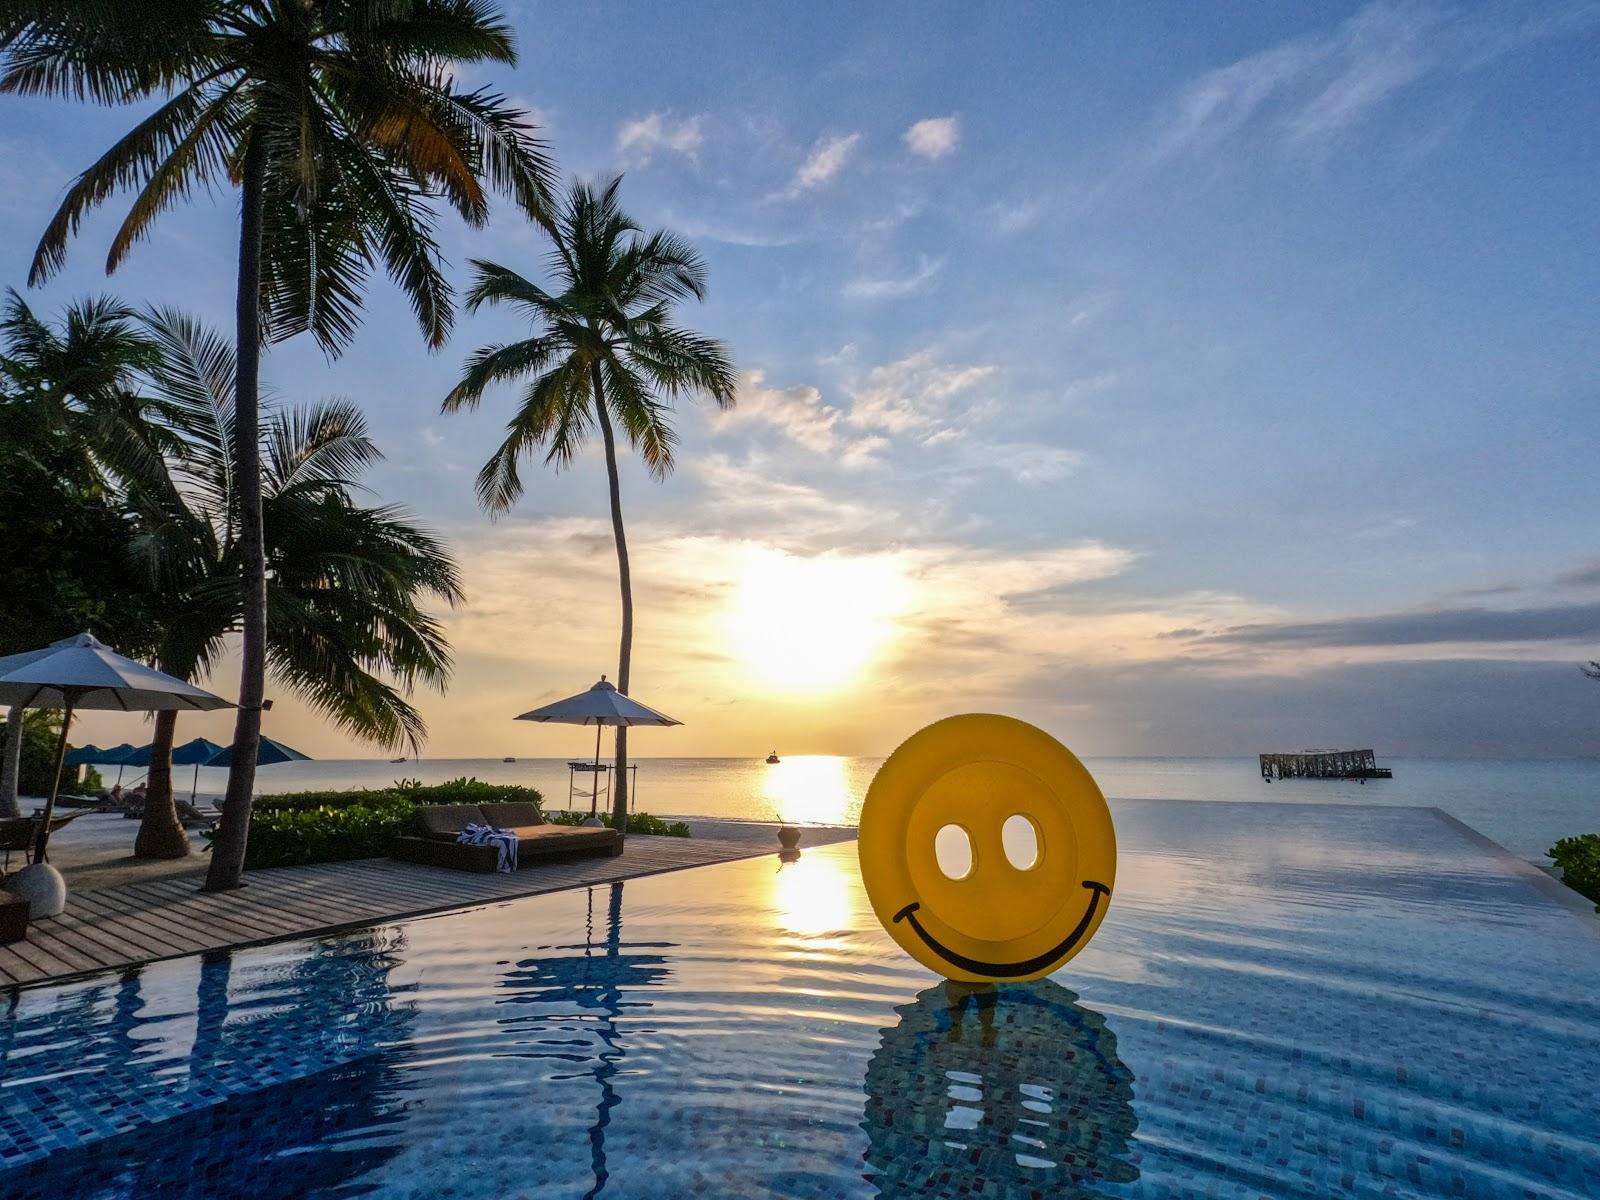 Die Vorteile und Nachteile von Resorts